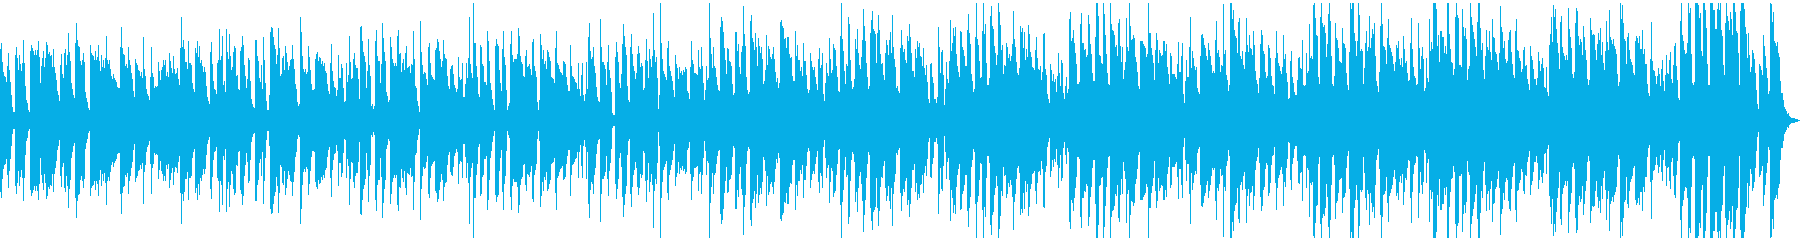 陽気でポジティブなサウンドトラック...の再生済みの波形